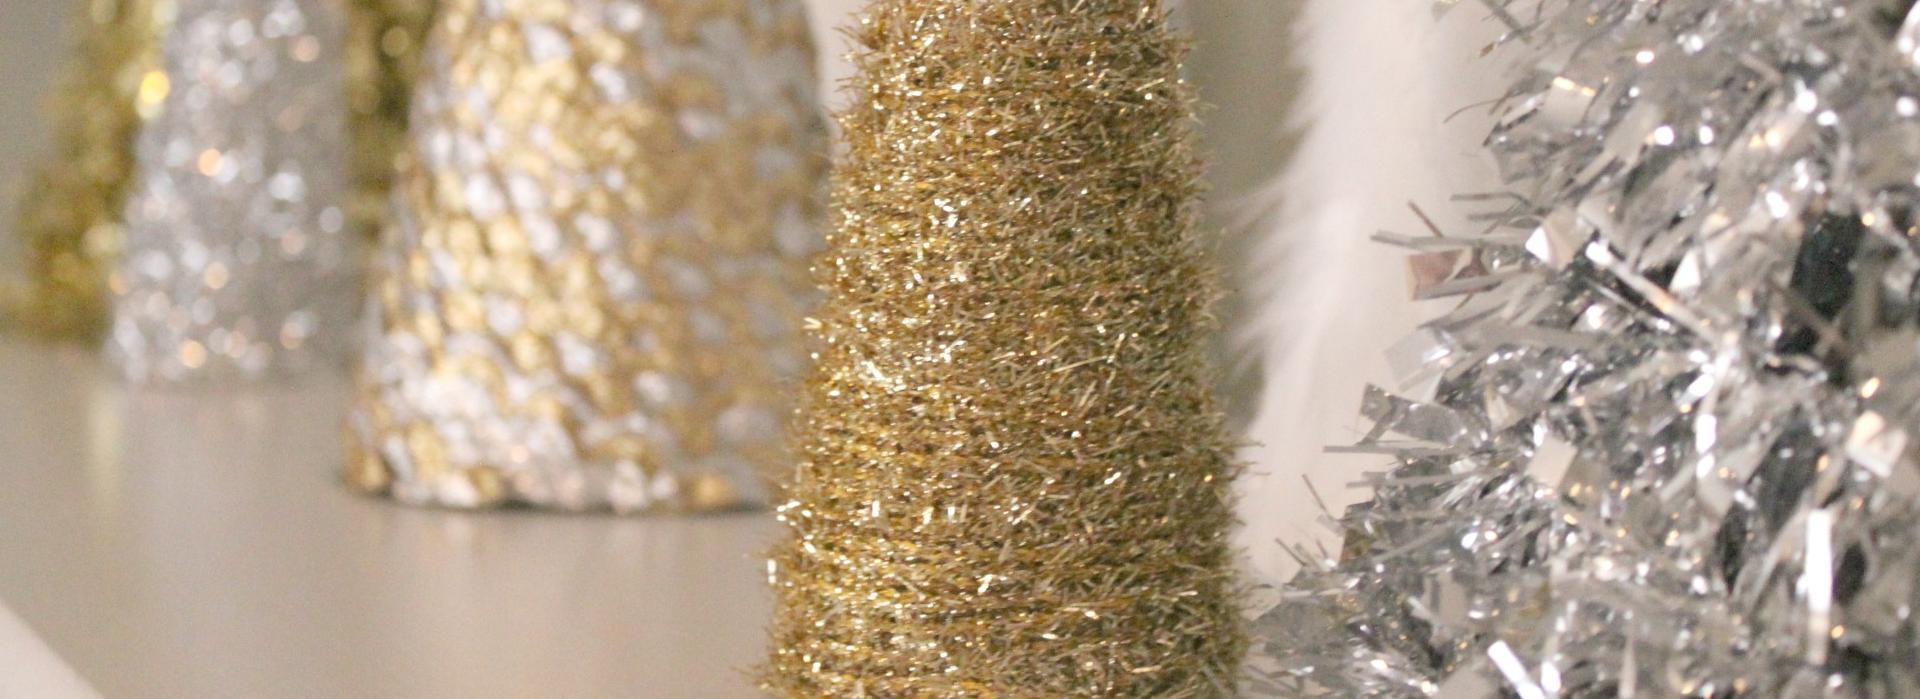 Vyrobte si  dekoračný vianočný stromček